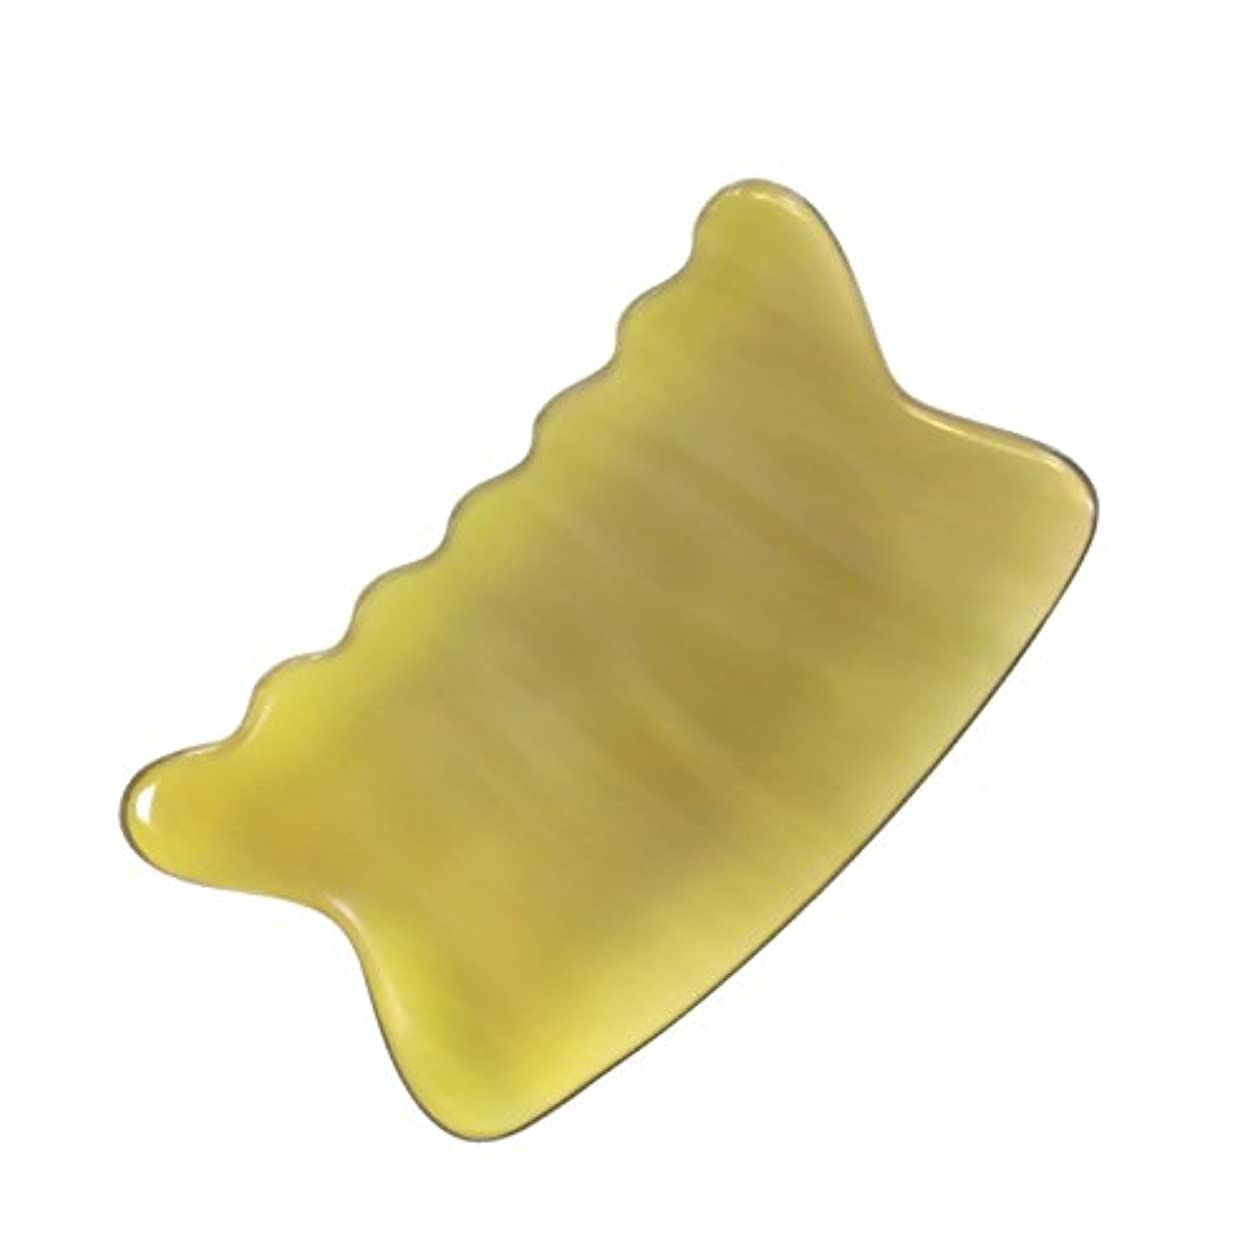 かっさ プレート 希少57 黄水牛角 極美品 曲波型